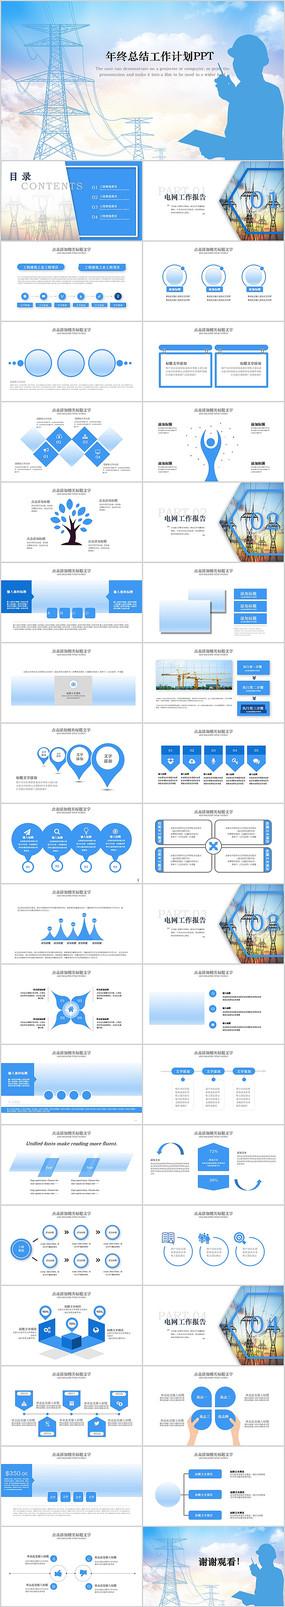 电力供电局国网国家电网公司PPT模板